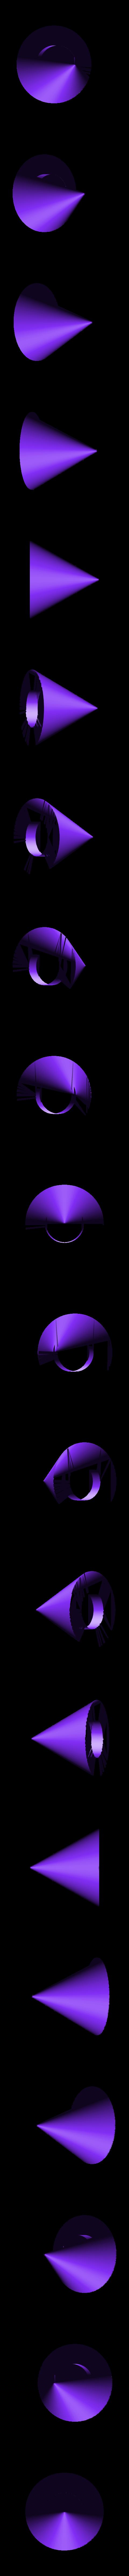 boba_fett_rocket_part_G.stl Download free STL file Boba Fett Rocket Jet Pack • 3D printable template, bromego